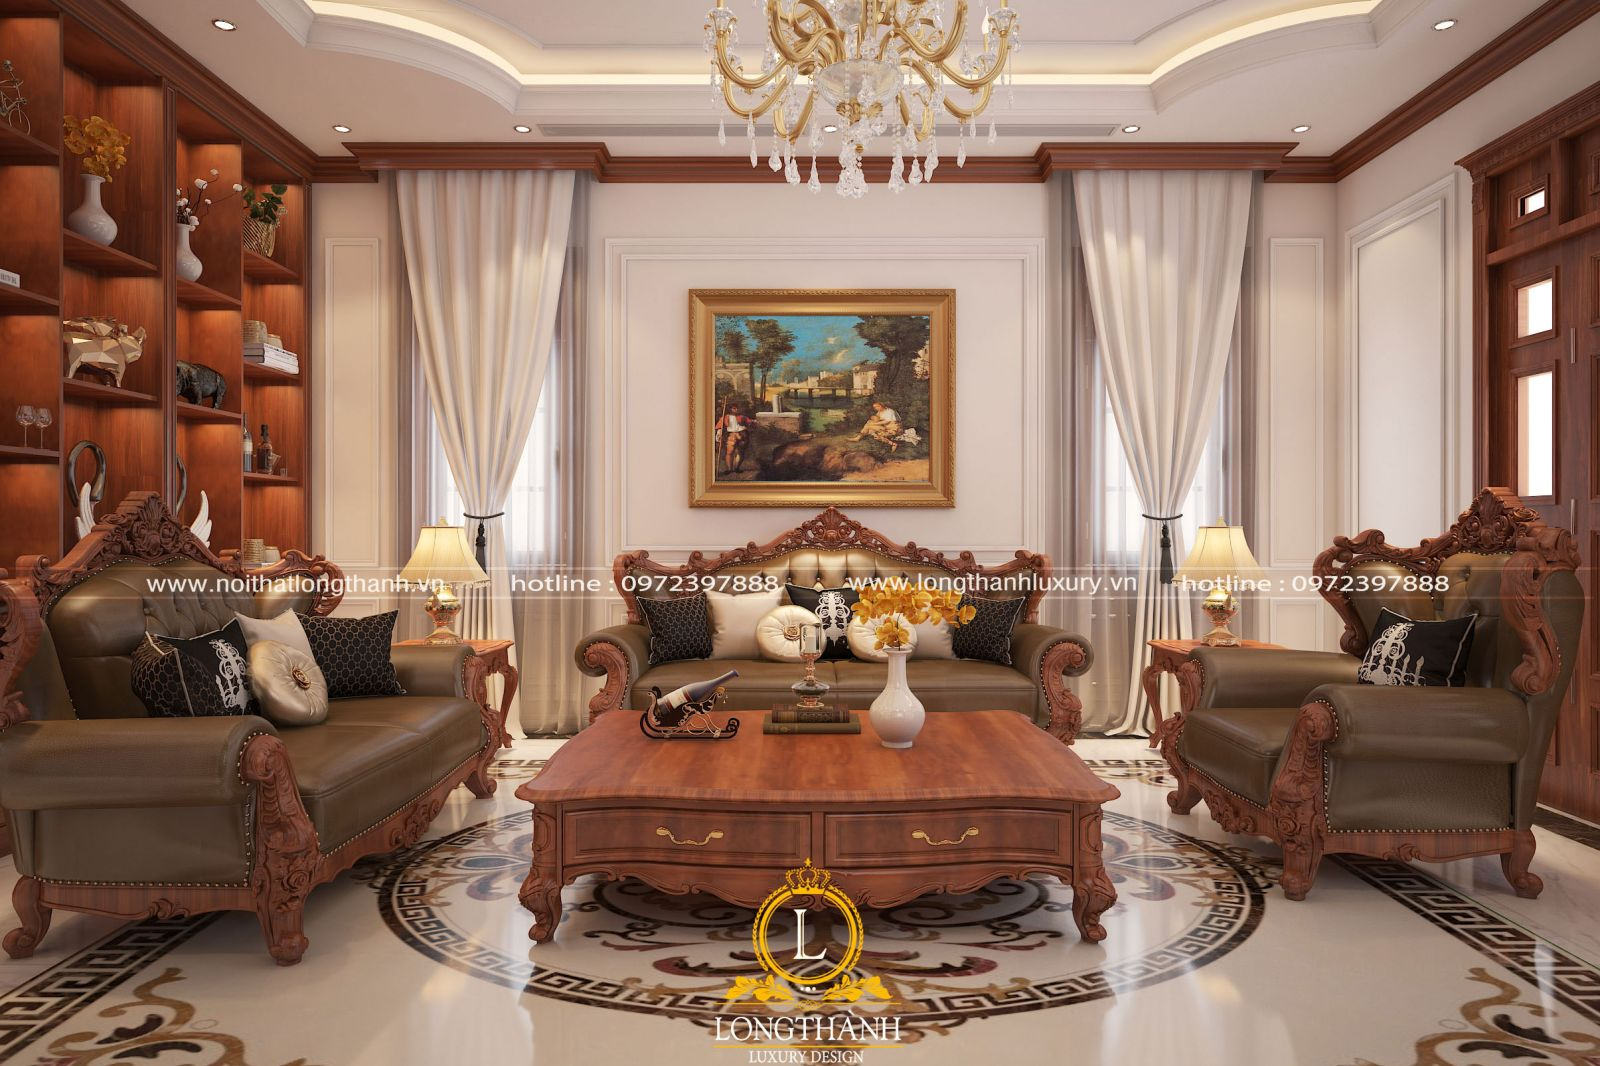 Phòng khách ấm áp thân thuộc làm bằng Gỗ Gõ đỏ tự nhiên